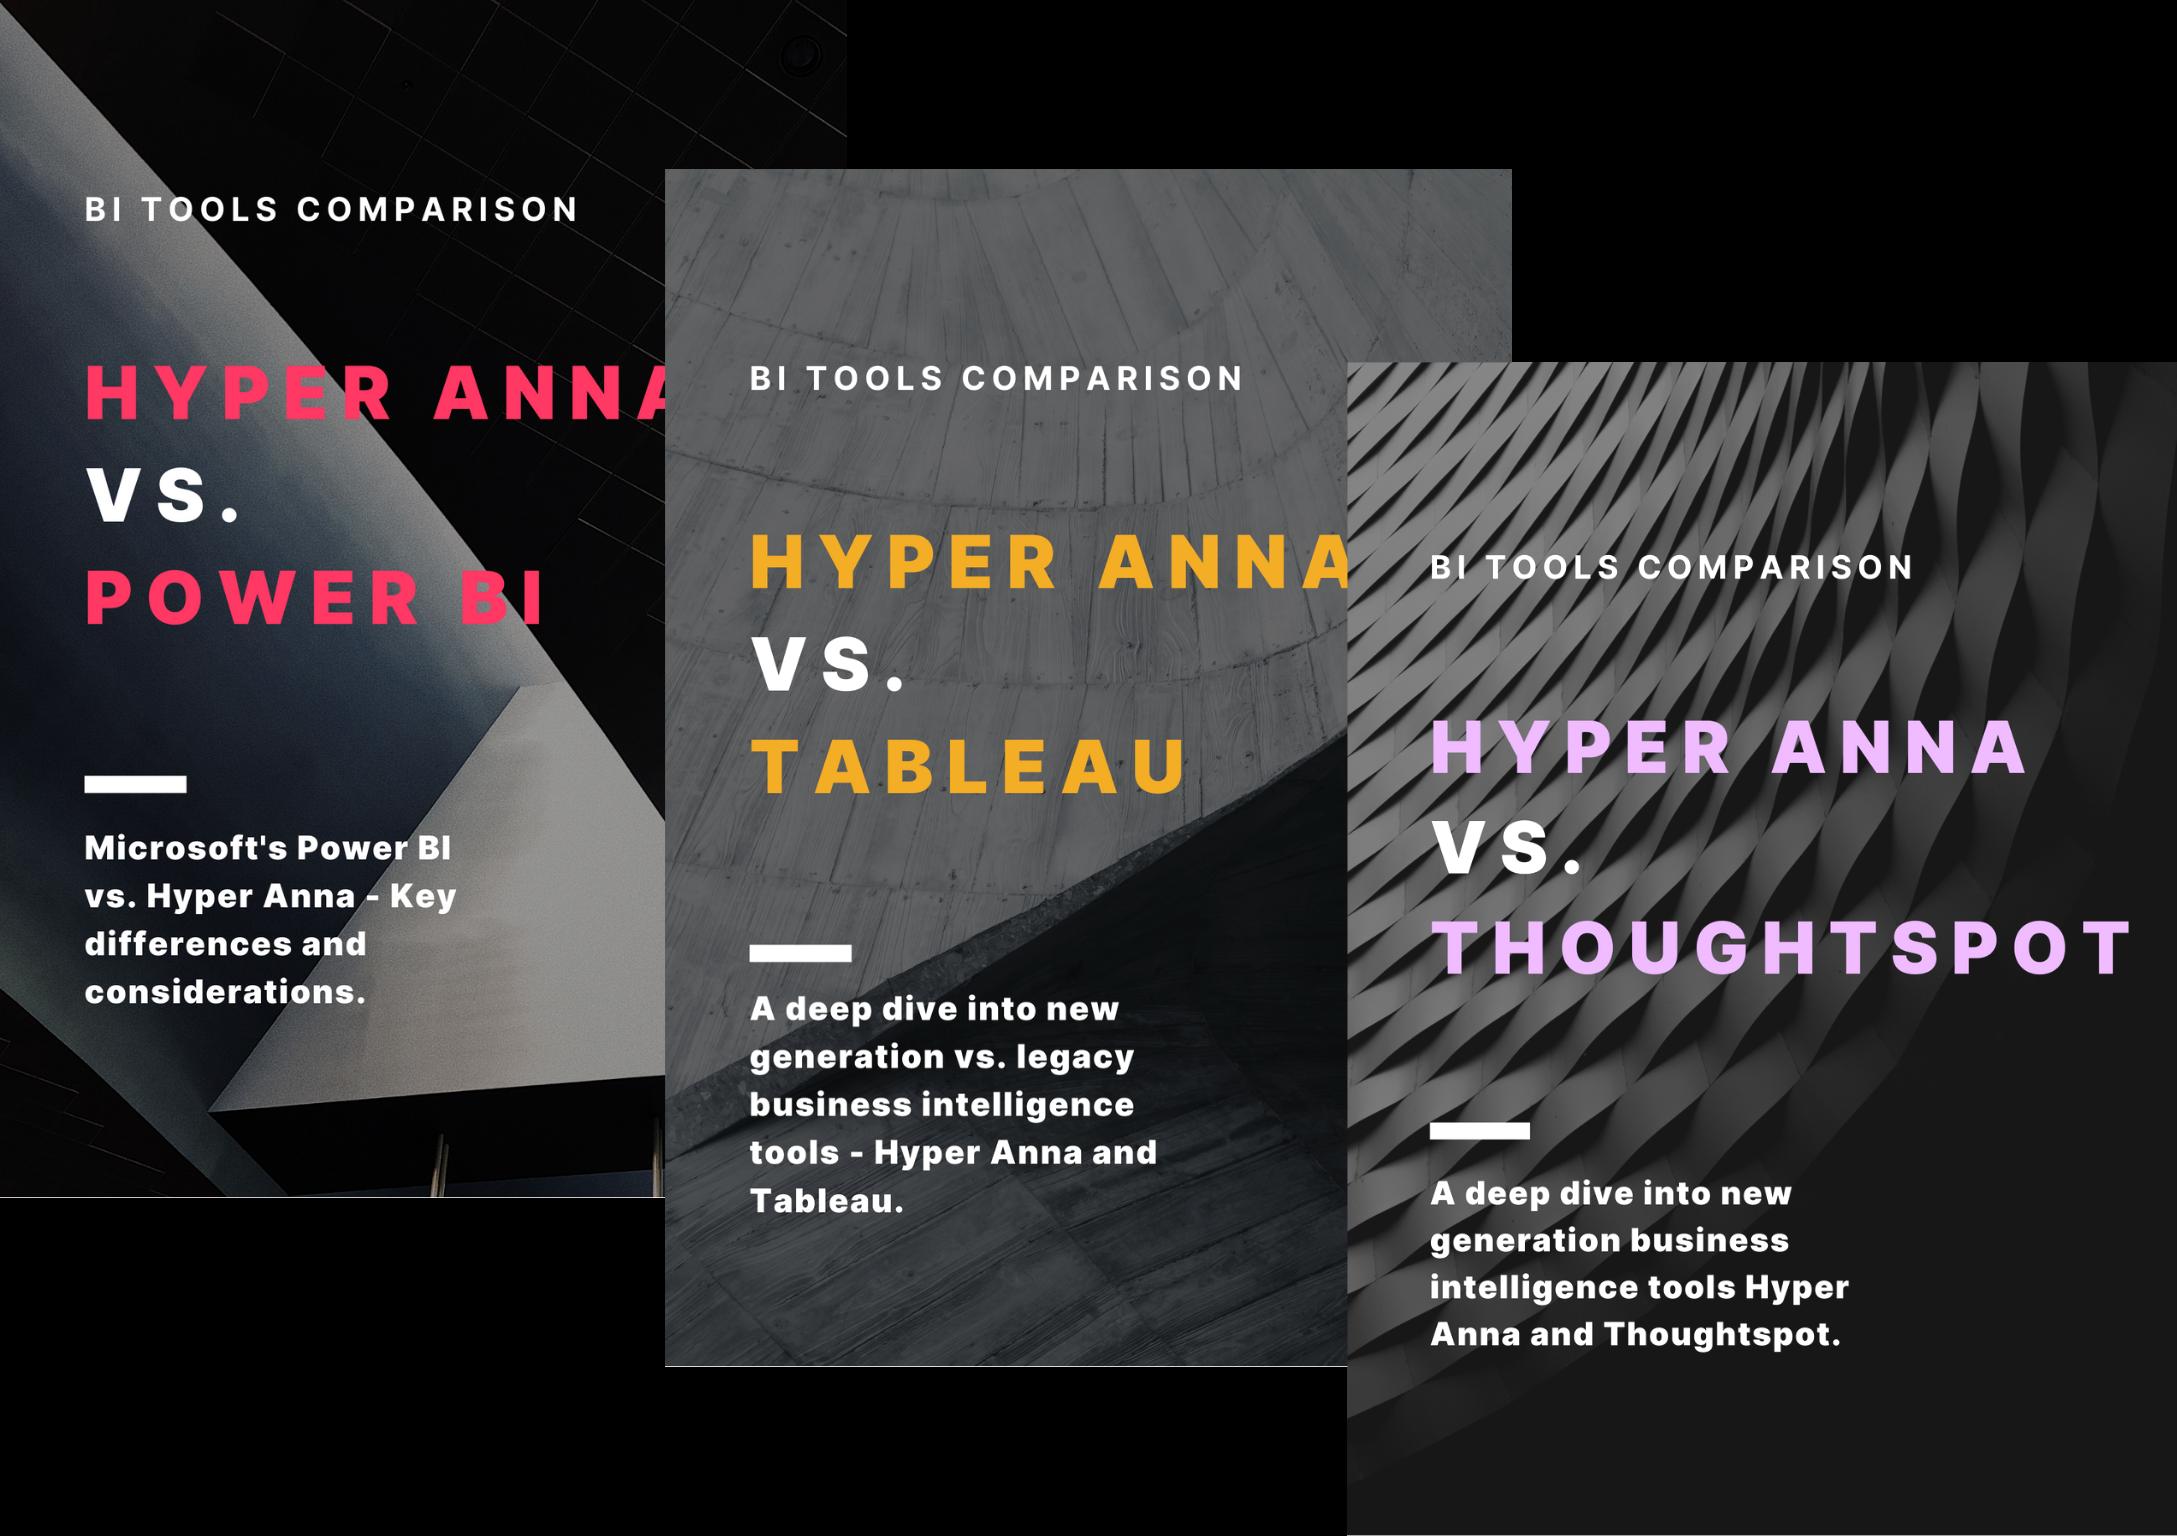 Hyper Anna vs. BI Tools